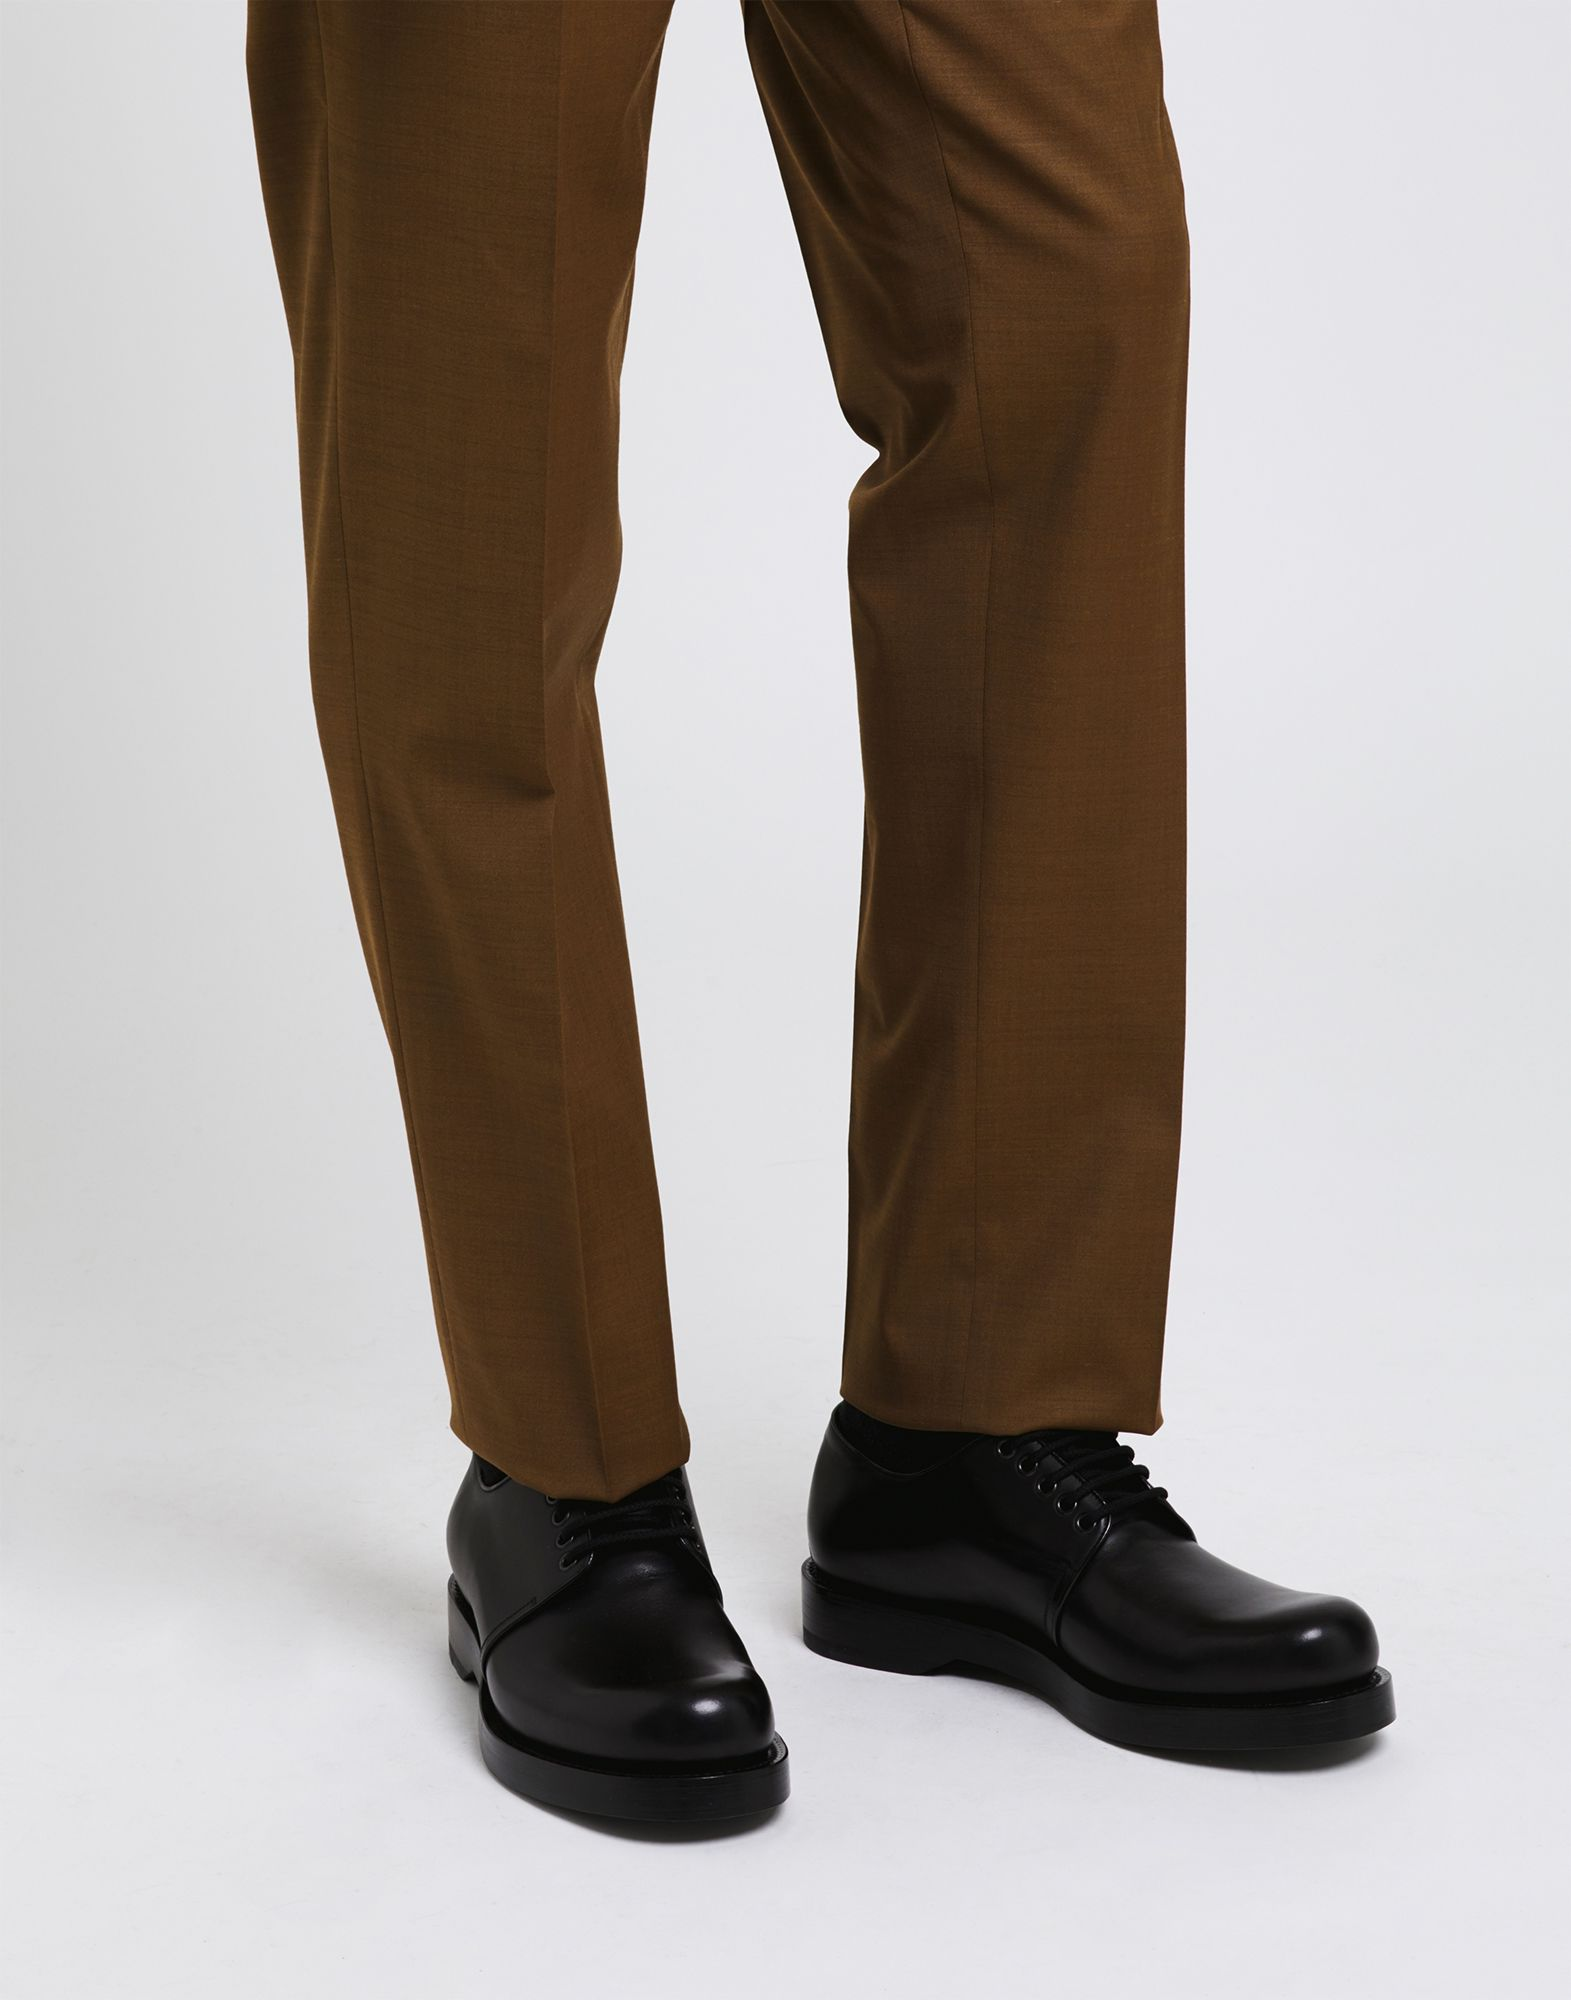 Gucci Schnürschuhe Herren beliebte  44815605DQ Gute Qualität beliebte Herren Schuhe b850dd